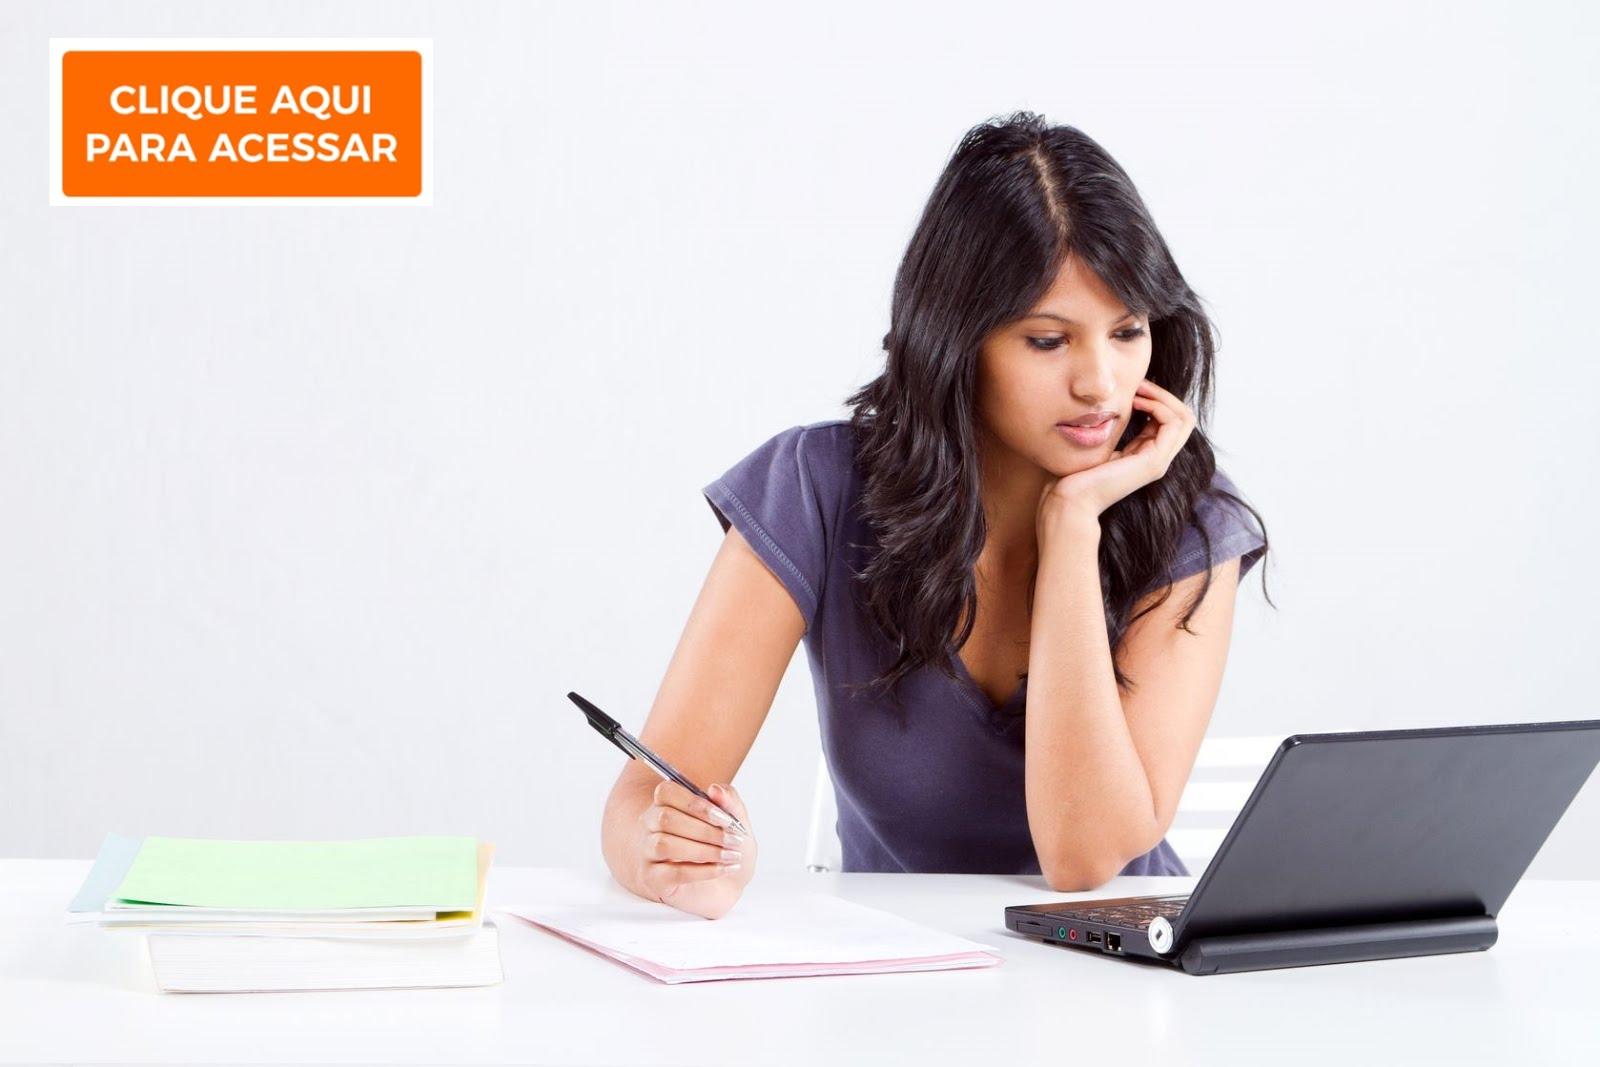 Cursos On-Line de Aperfeiçoamento por apenas R$ 25,00